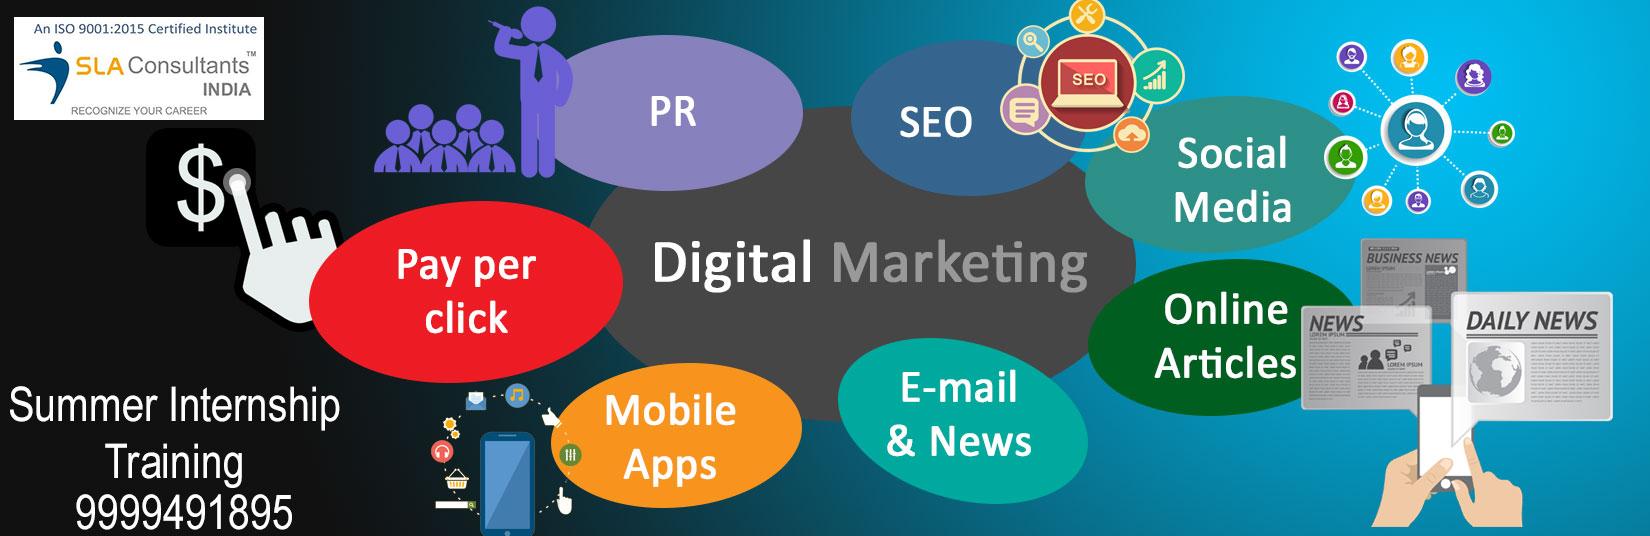 6 Months Digital Marketing Internship Training in Delhi from July 30 - September 30, 2017